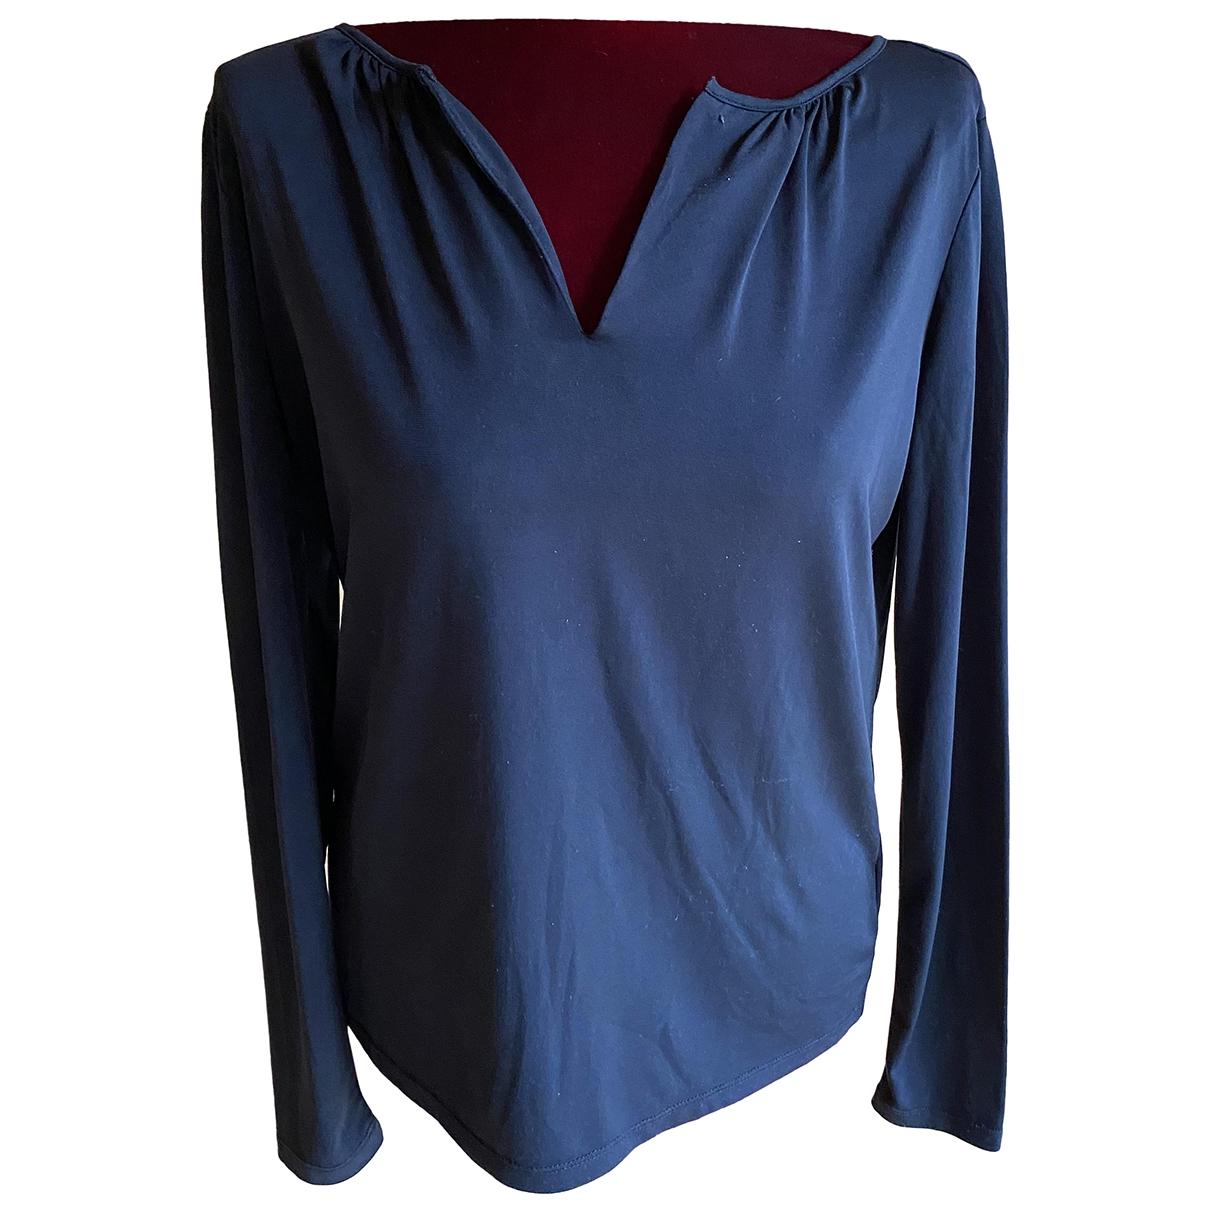 Michael Kors \N Blue  top for Women S International